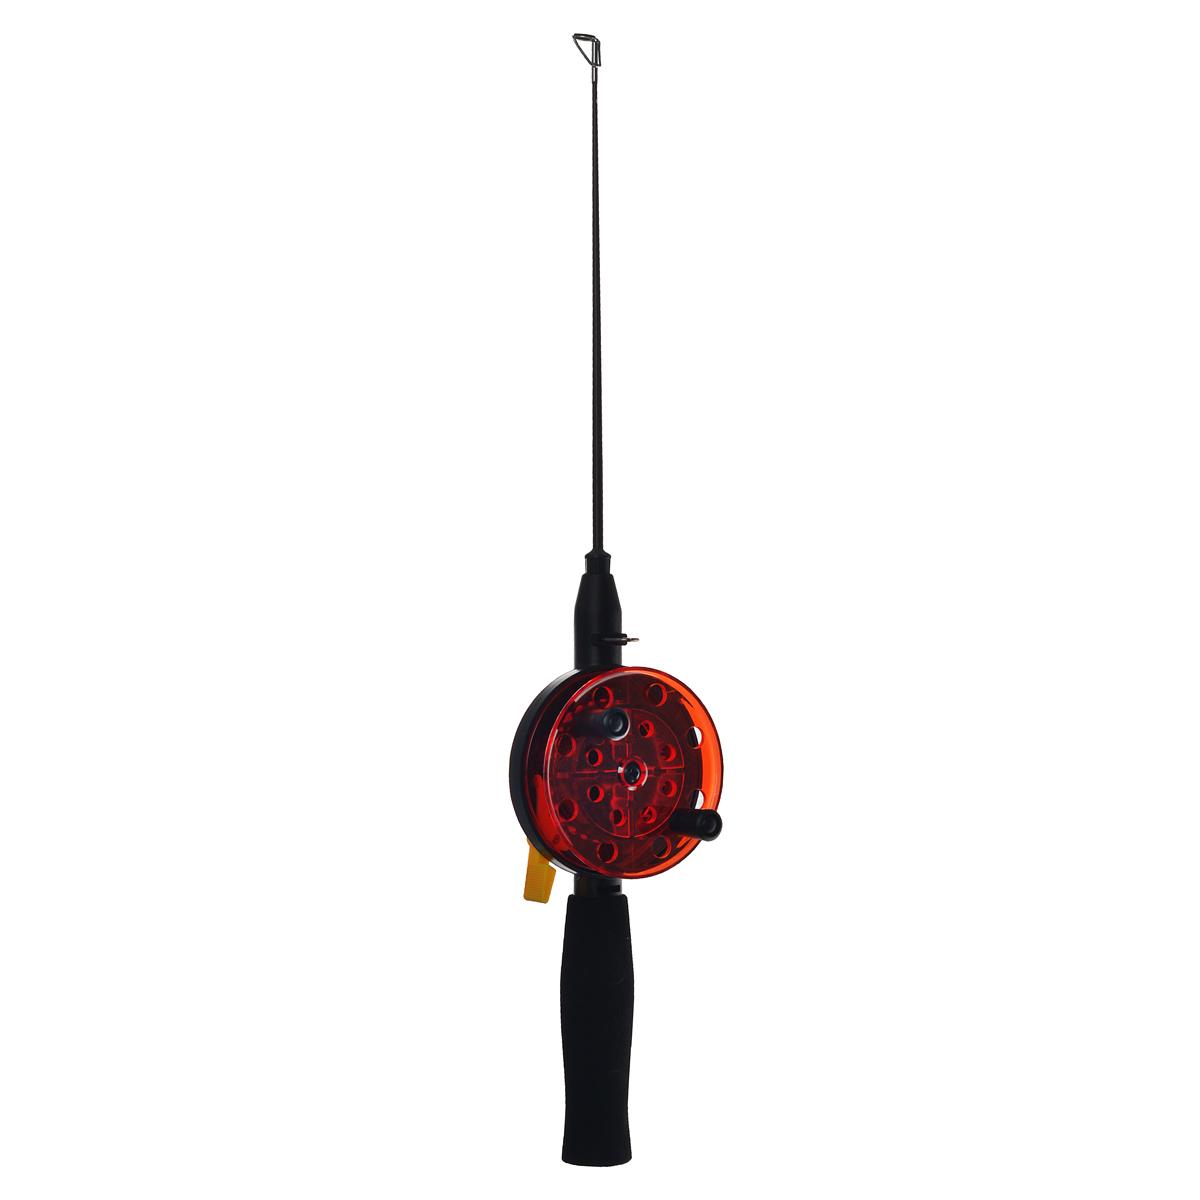 Удочка зимняя SWD HR202, цвет: черный, красный, d 76 мм, ручка неопрен 10 см, хл-кар 20 см багор для зимней рыбалки swd hr g03 телескопический 63 см